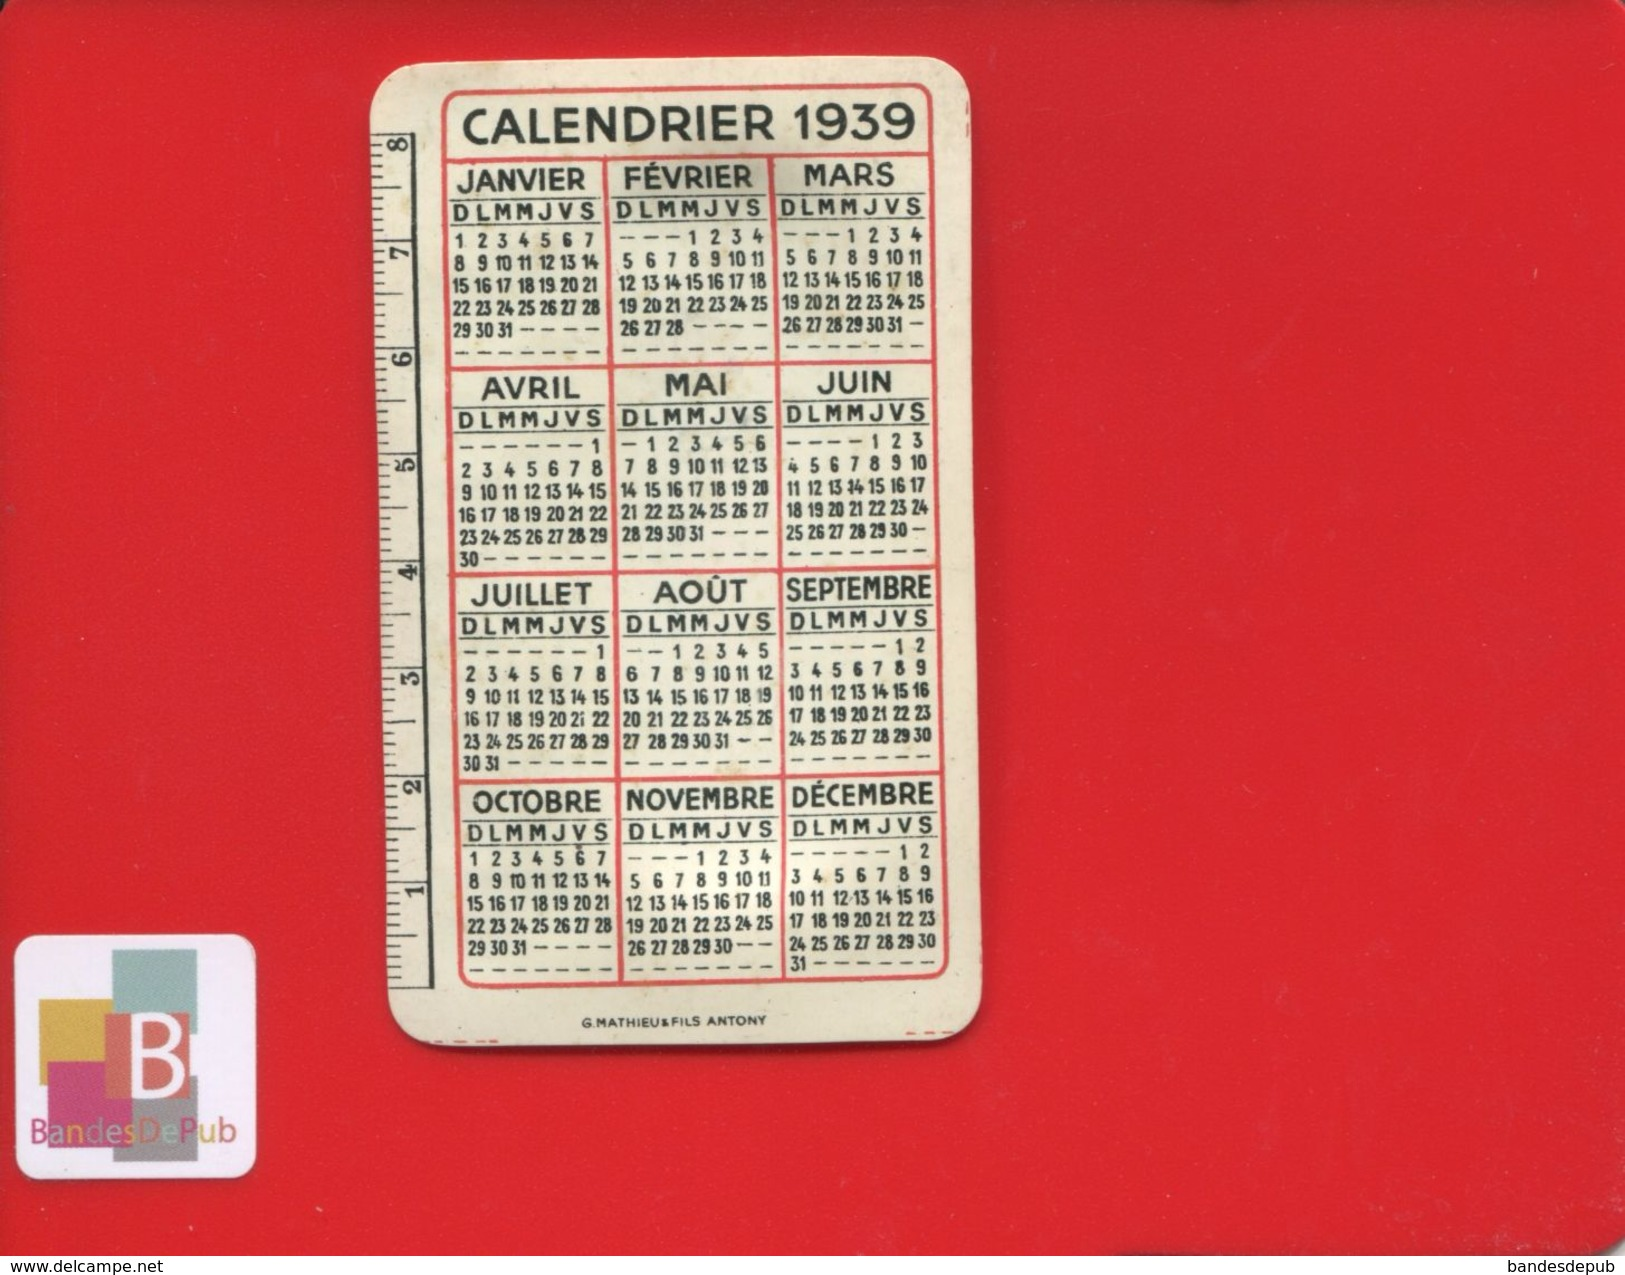 MINI CALENDRIER  MATIERE PLASTIQUE 1939  DECIMETRE  CARTOUCHERIE FRANÇAISE PARIS BOURRE GABEL EXPRESS ARMES MUNITIONS - Kalenders